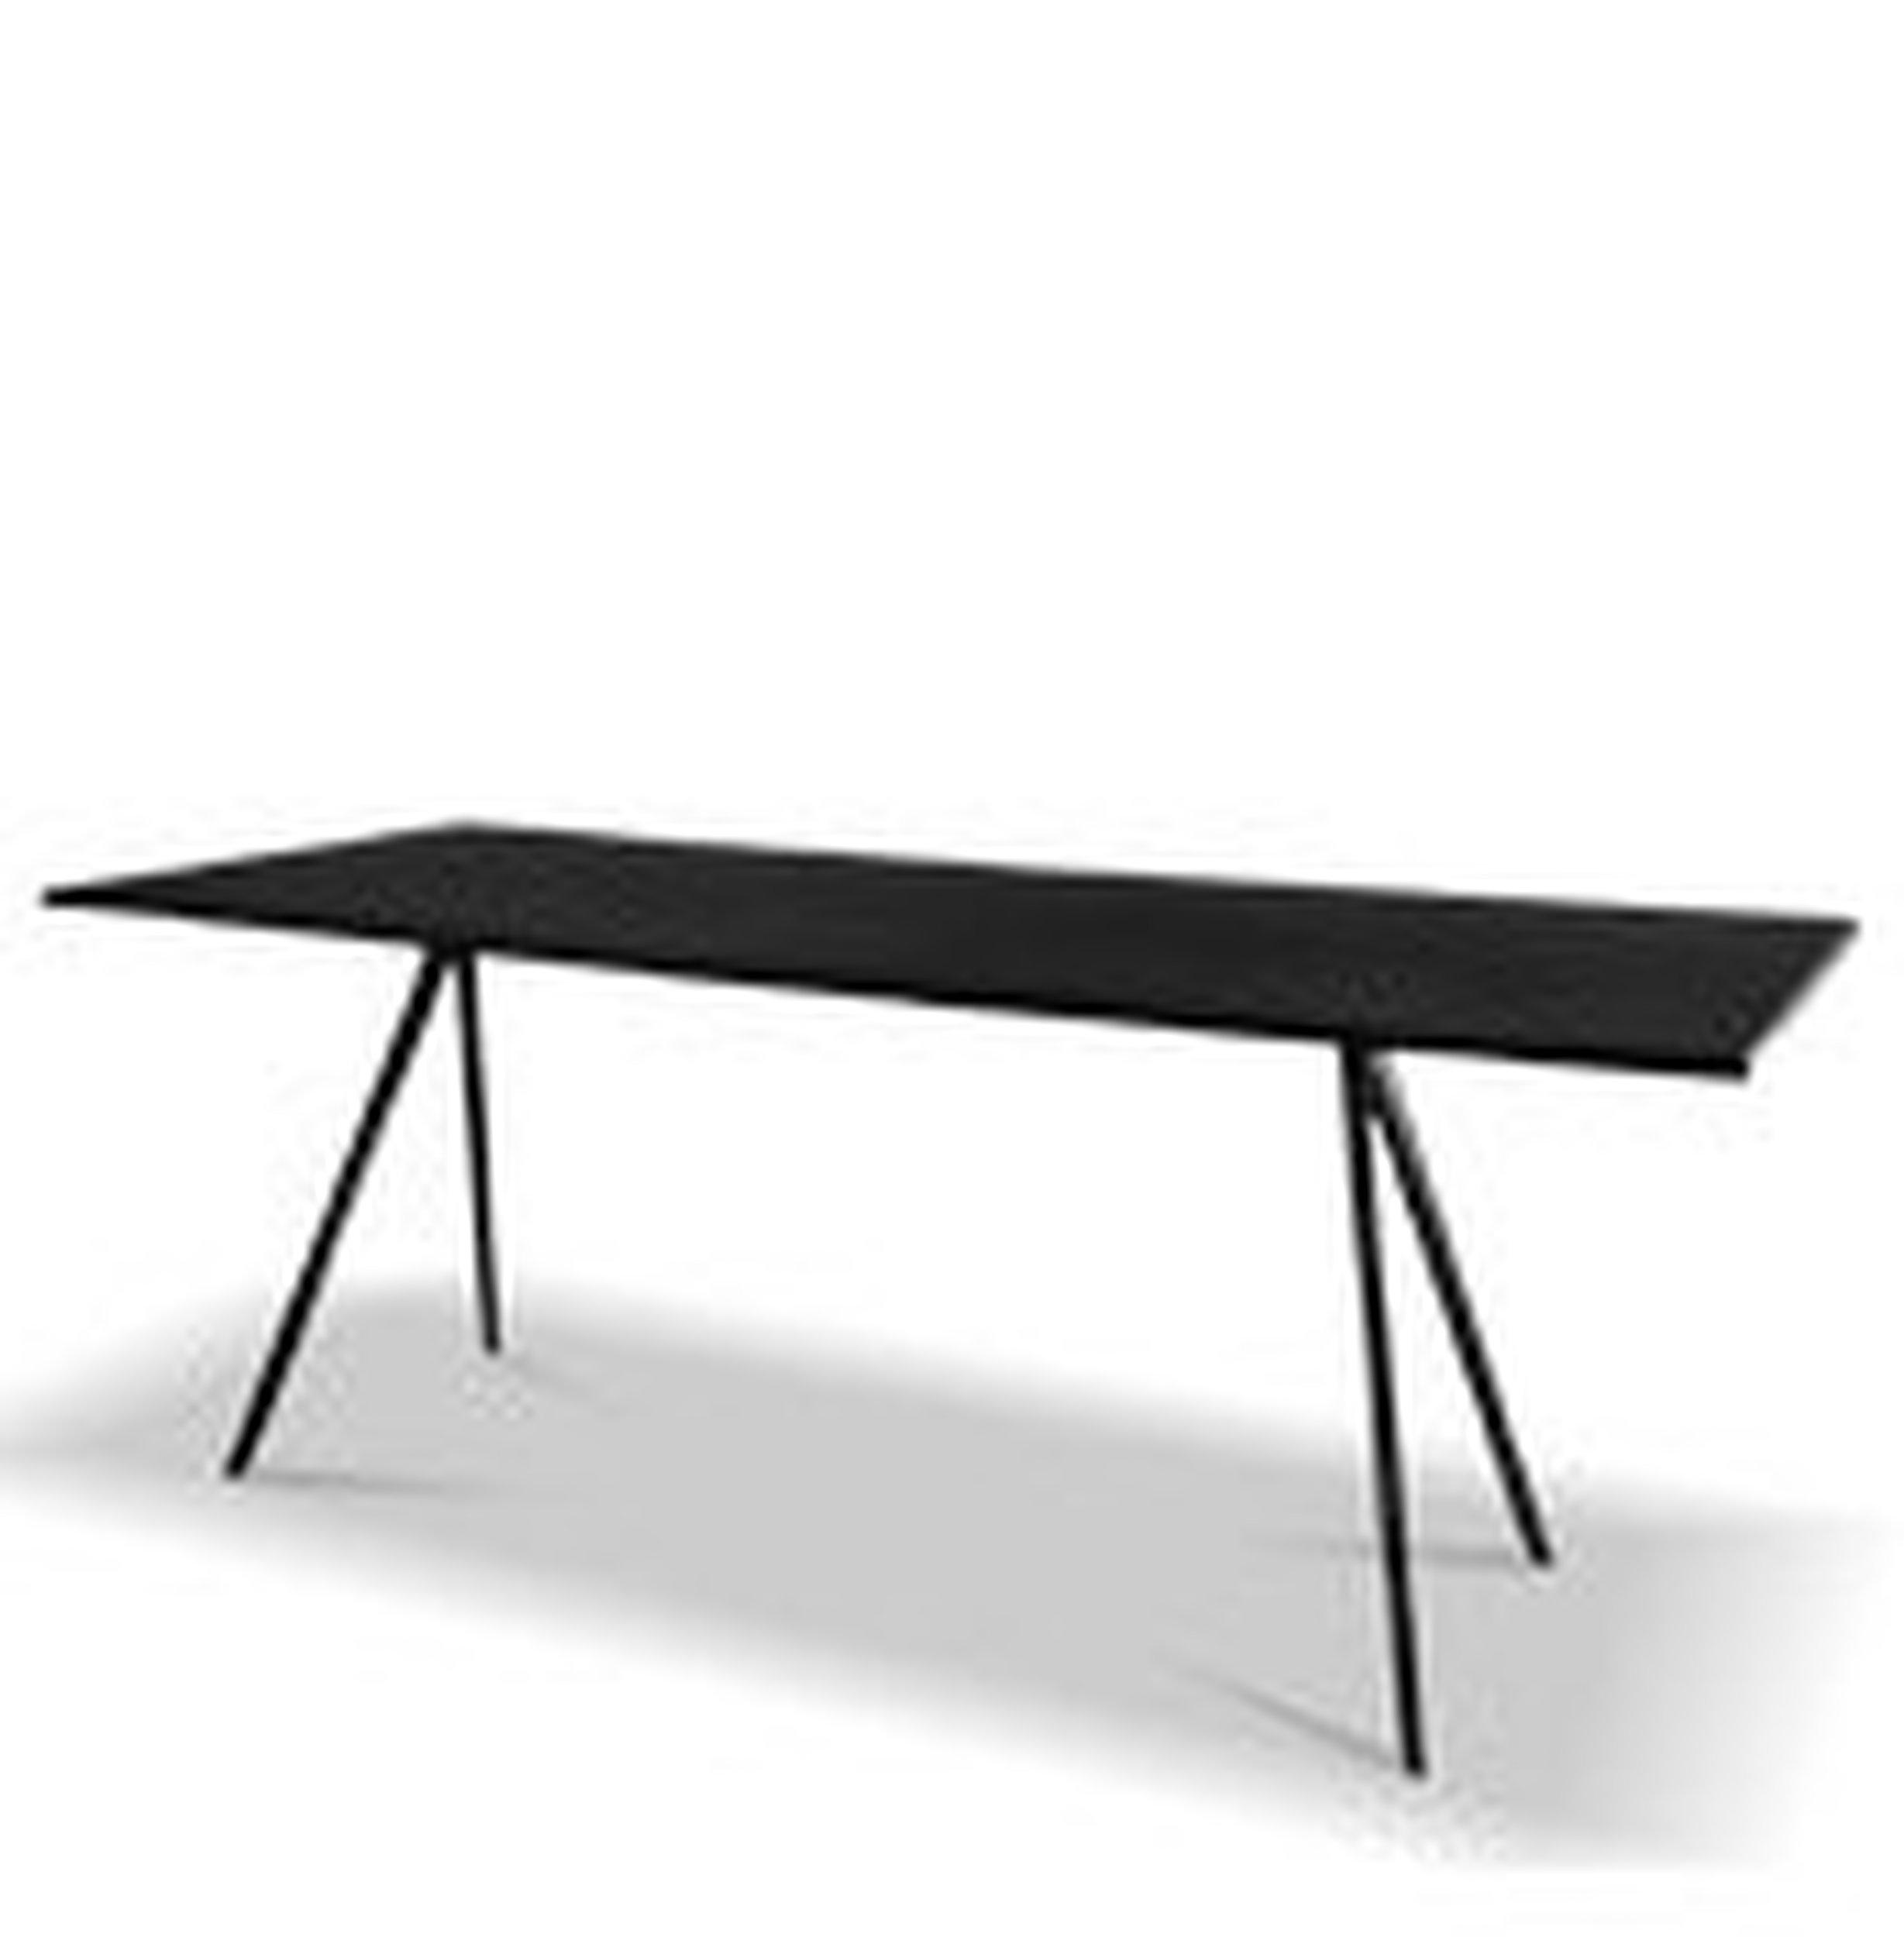 Stół Baguette 160 cm blat MDF czarny rama lakierowana czarna - małe zdjęcie